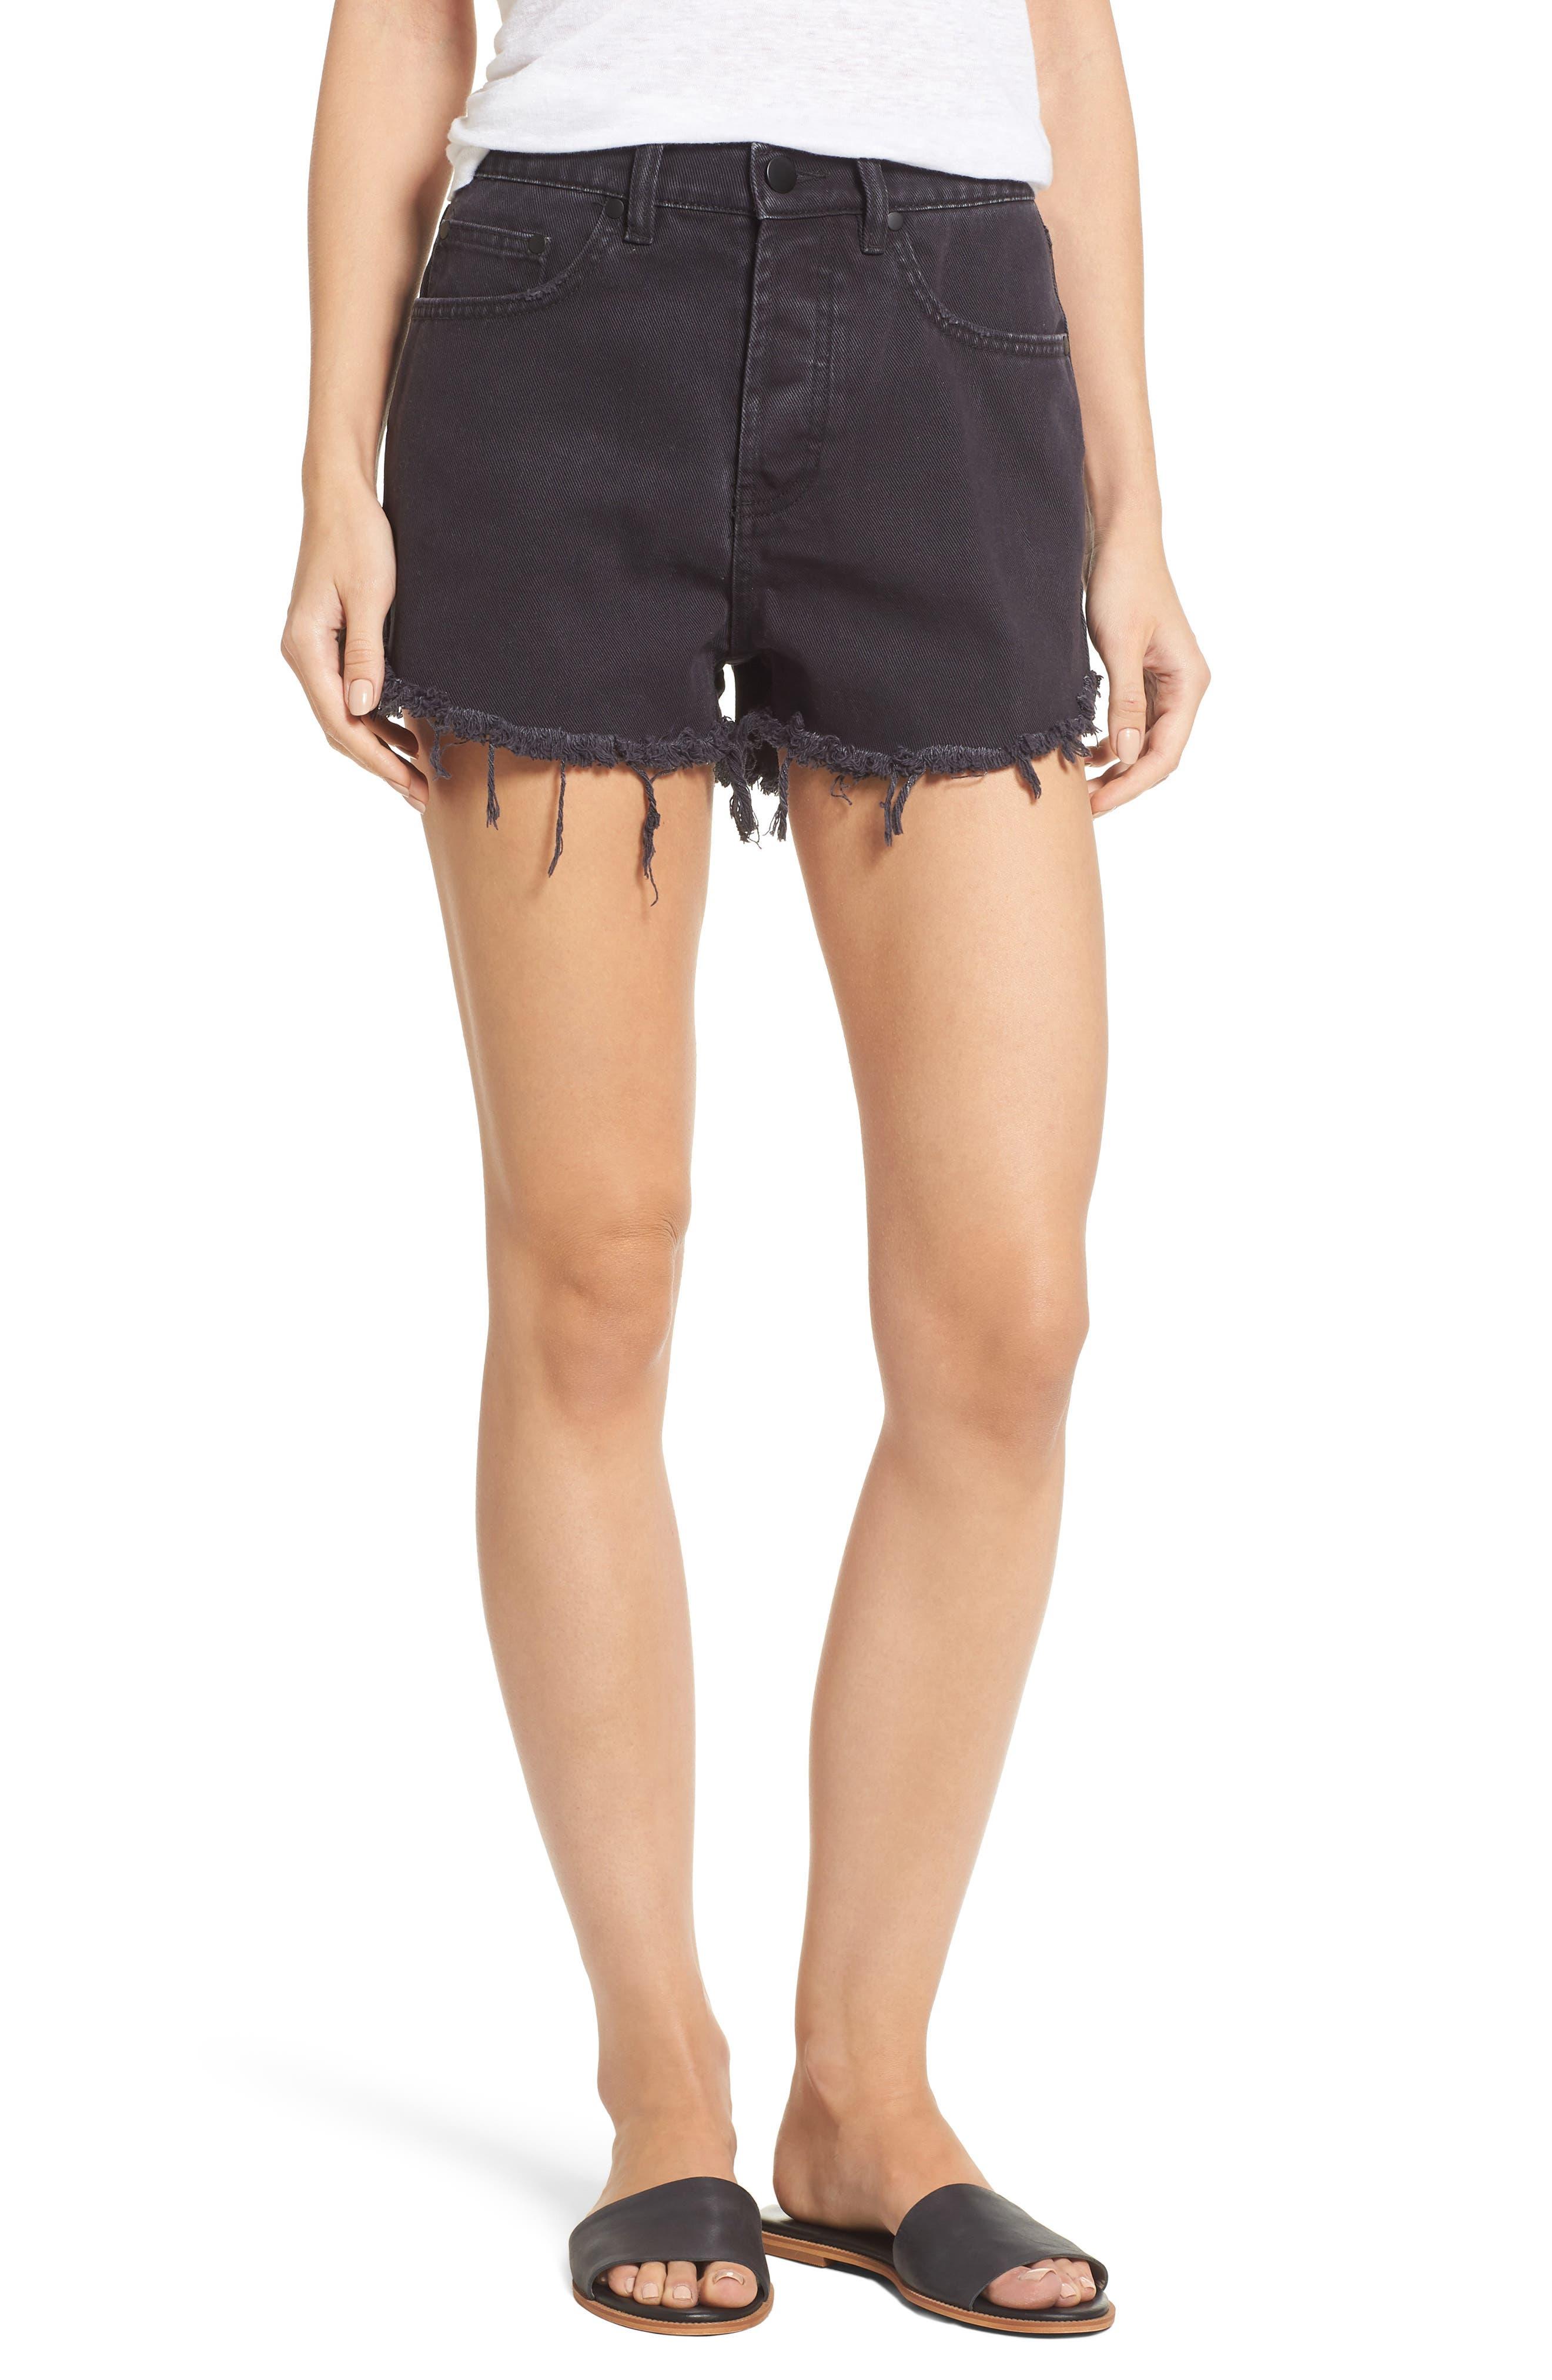 LOVE LIKE SUMMER X BILLABONG Denim Shorts, Main, color, 001